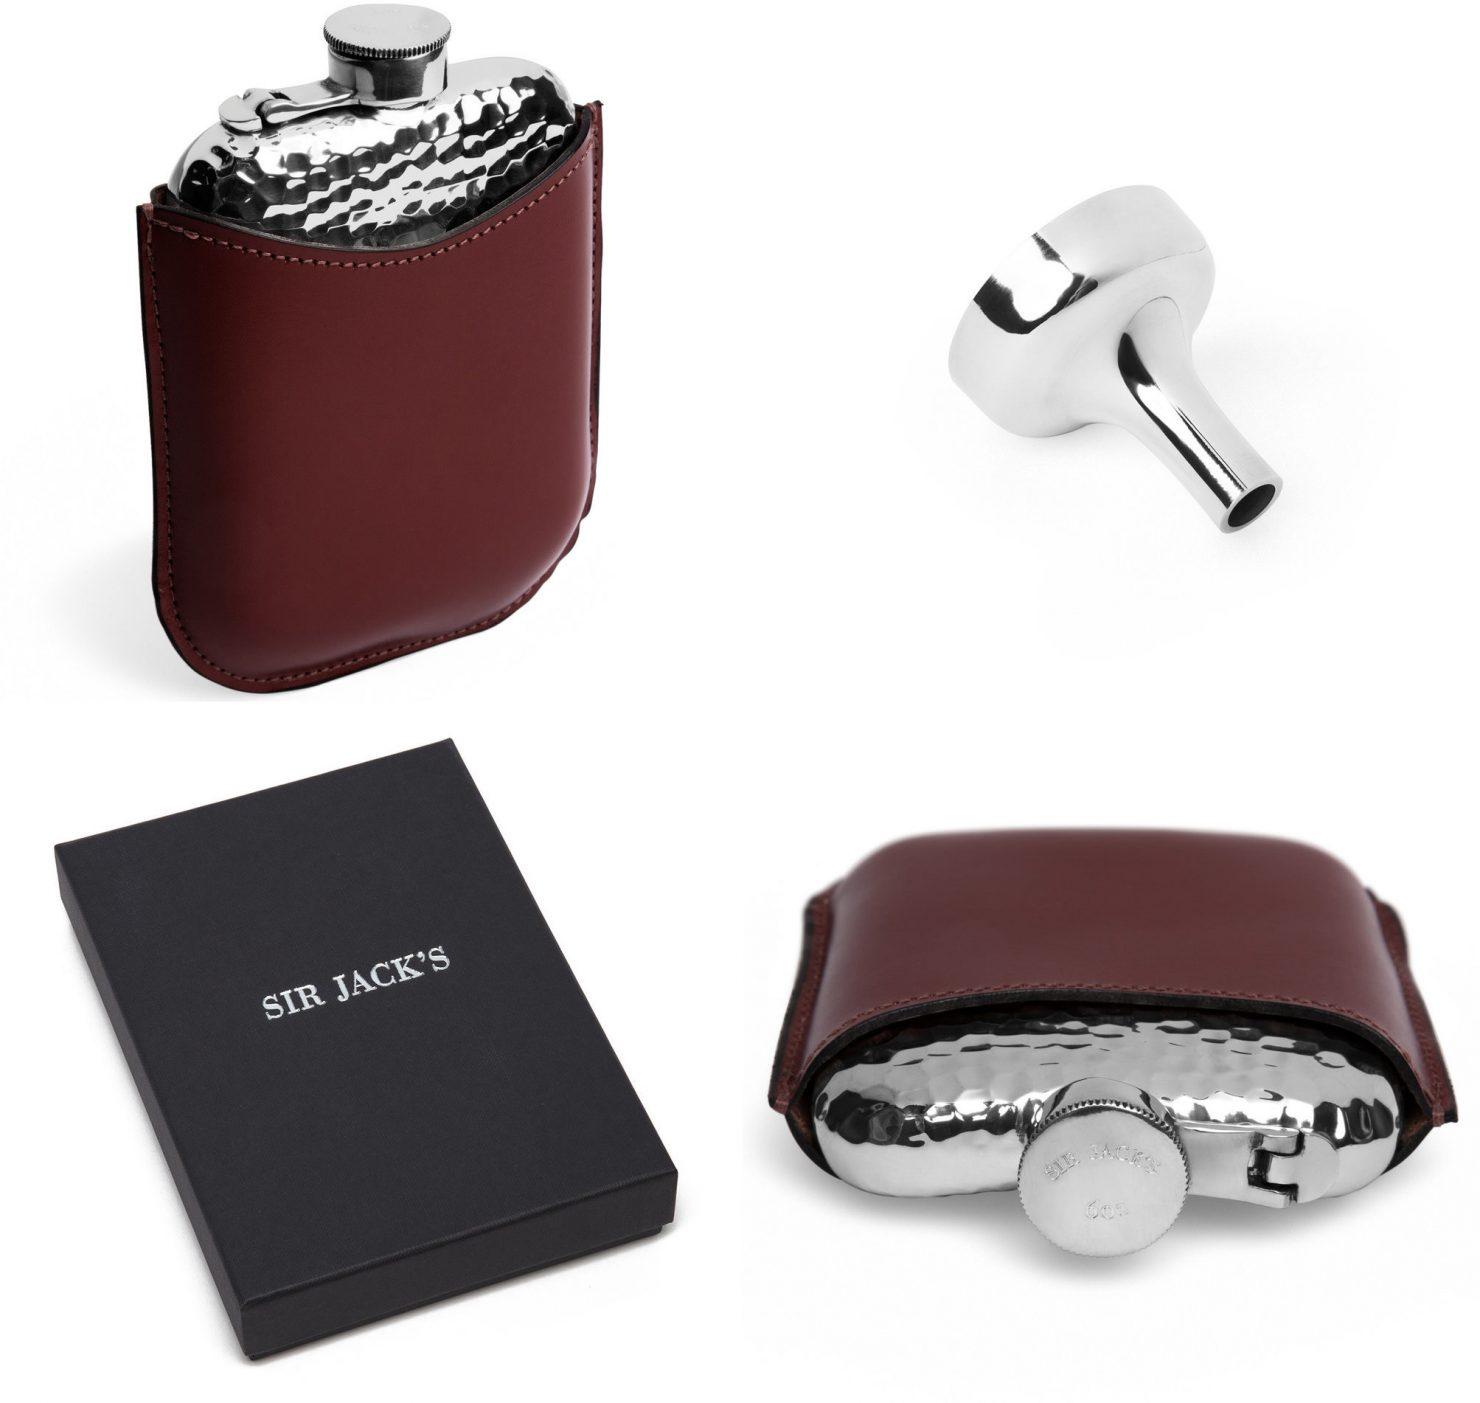 6oz Pewter Hammered Leather Encased Hip Flask 1 1480x1403 - 6oz Pewter Hammered Hip Flask